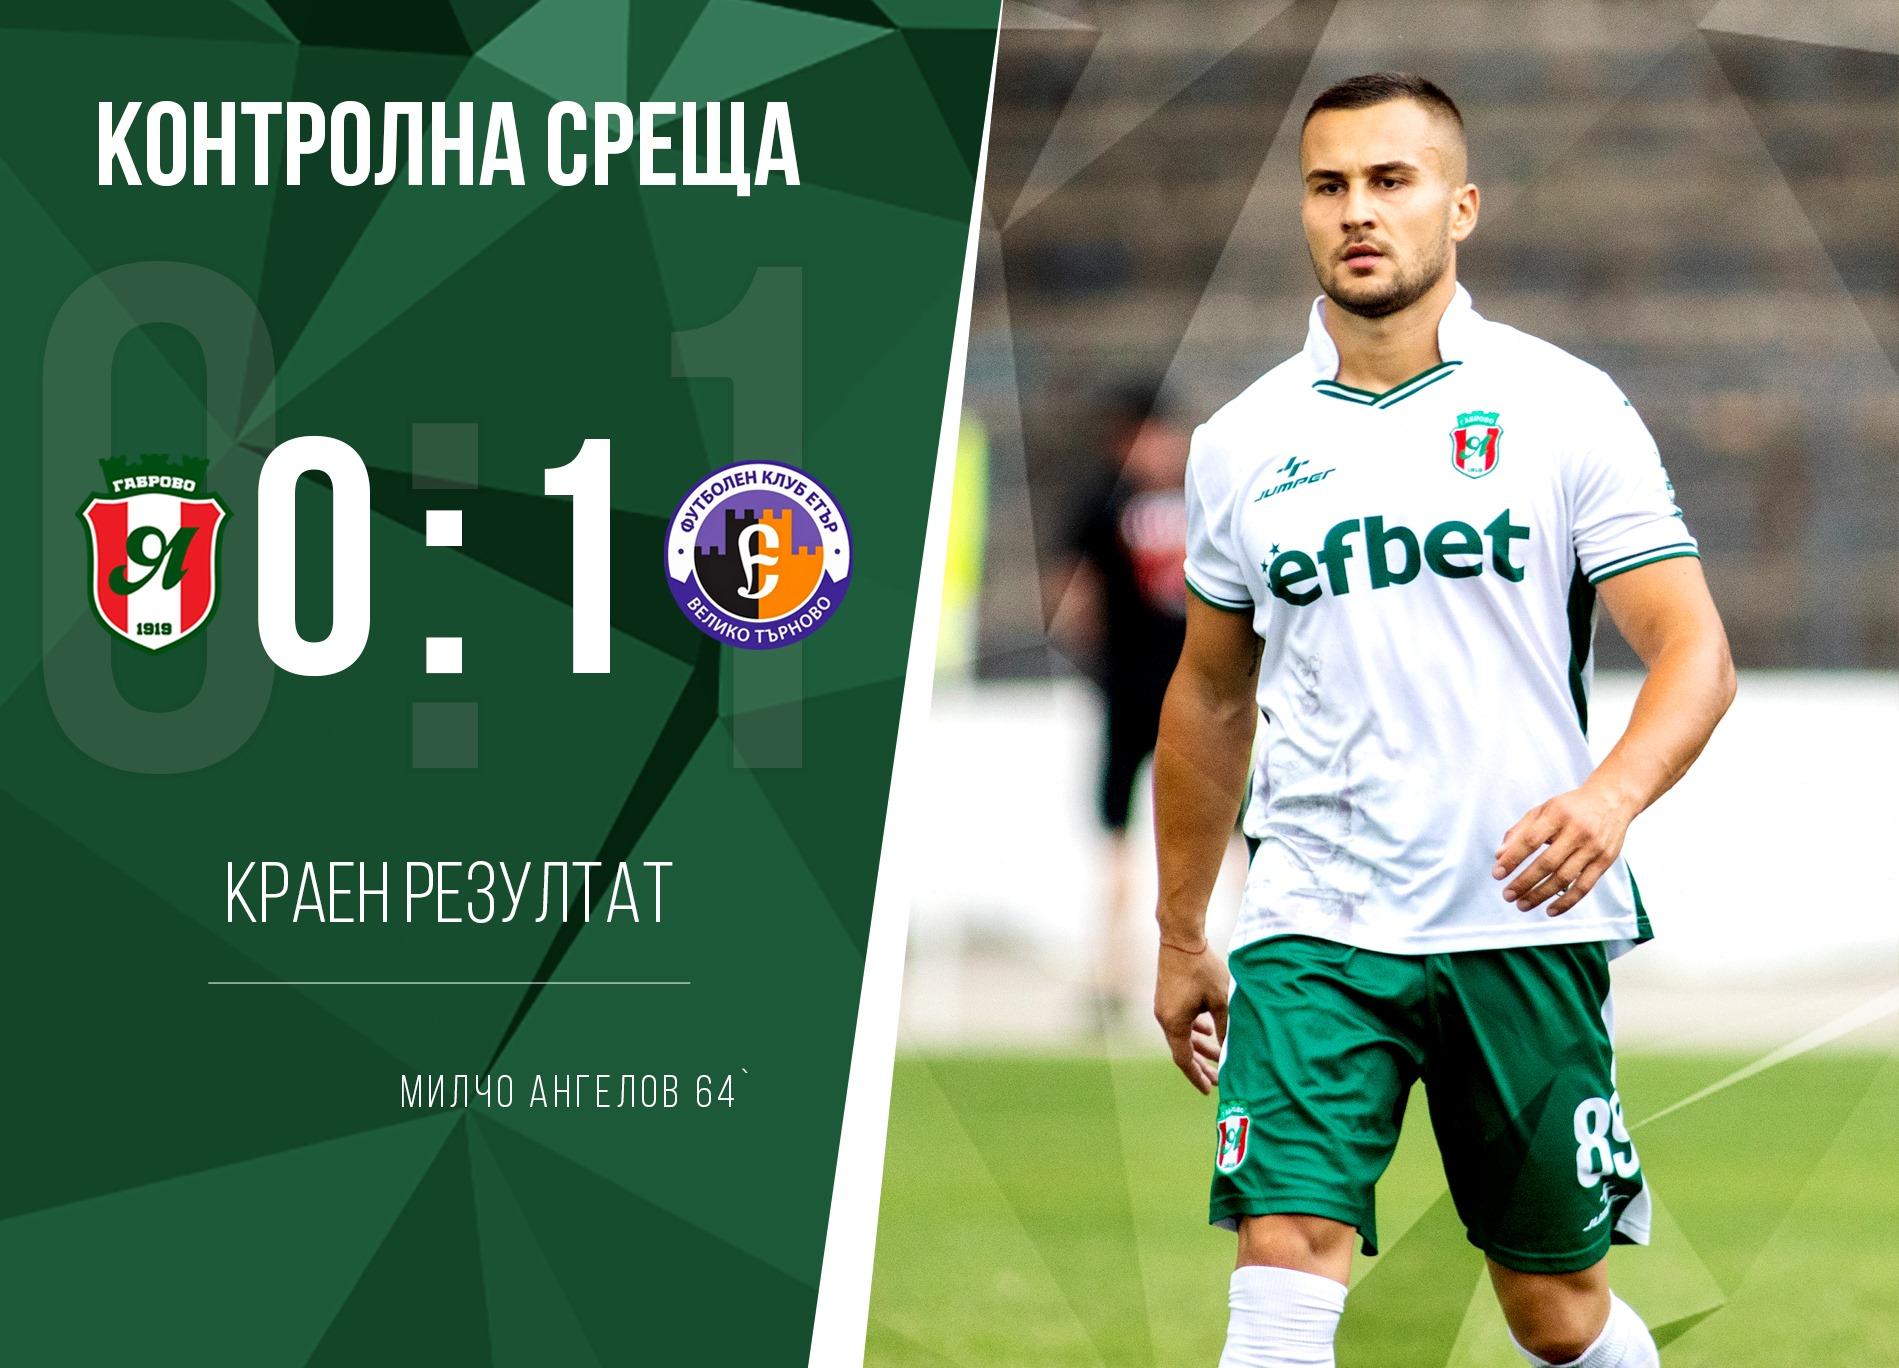 Беглецът Петков се завърна в Етър с победа в Габрово 1